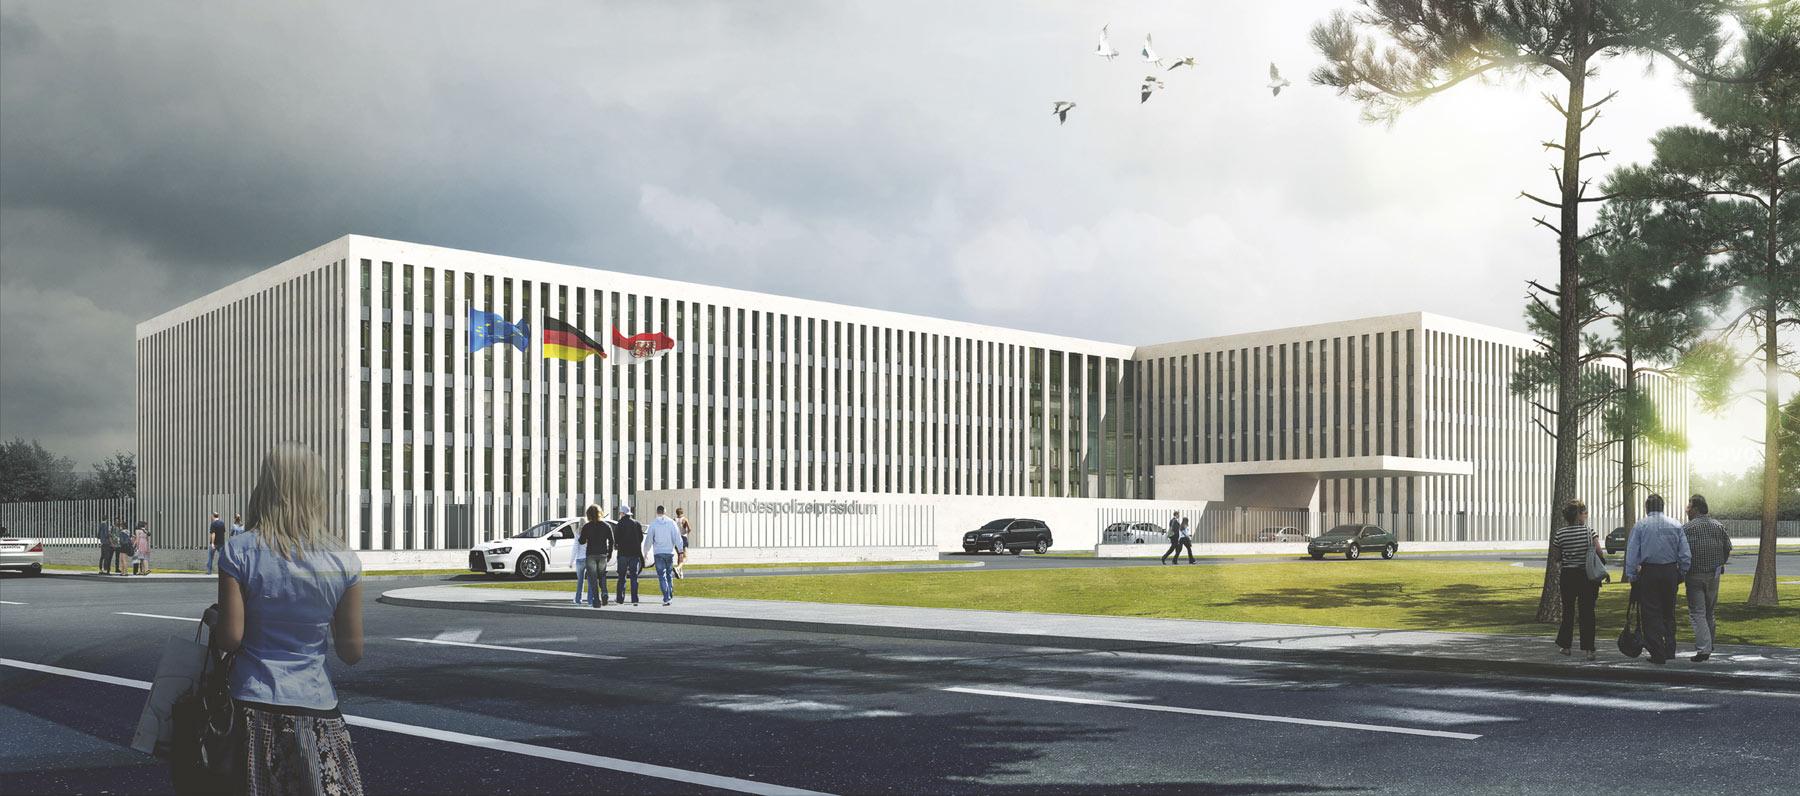 Bundespolizeipräsidium